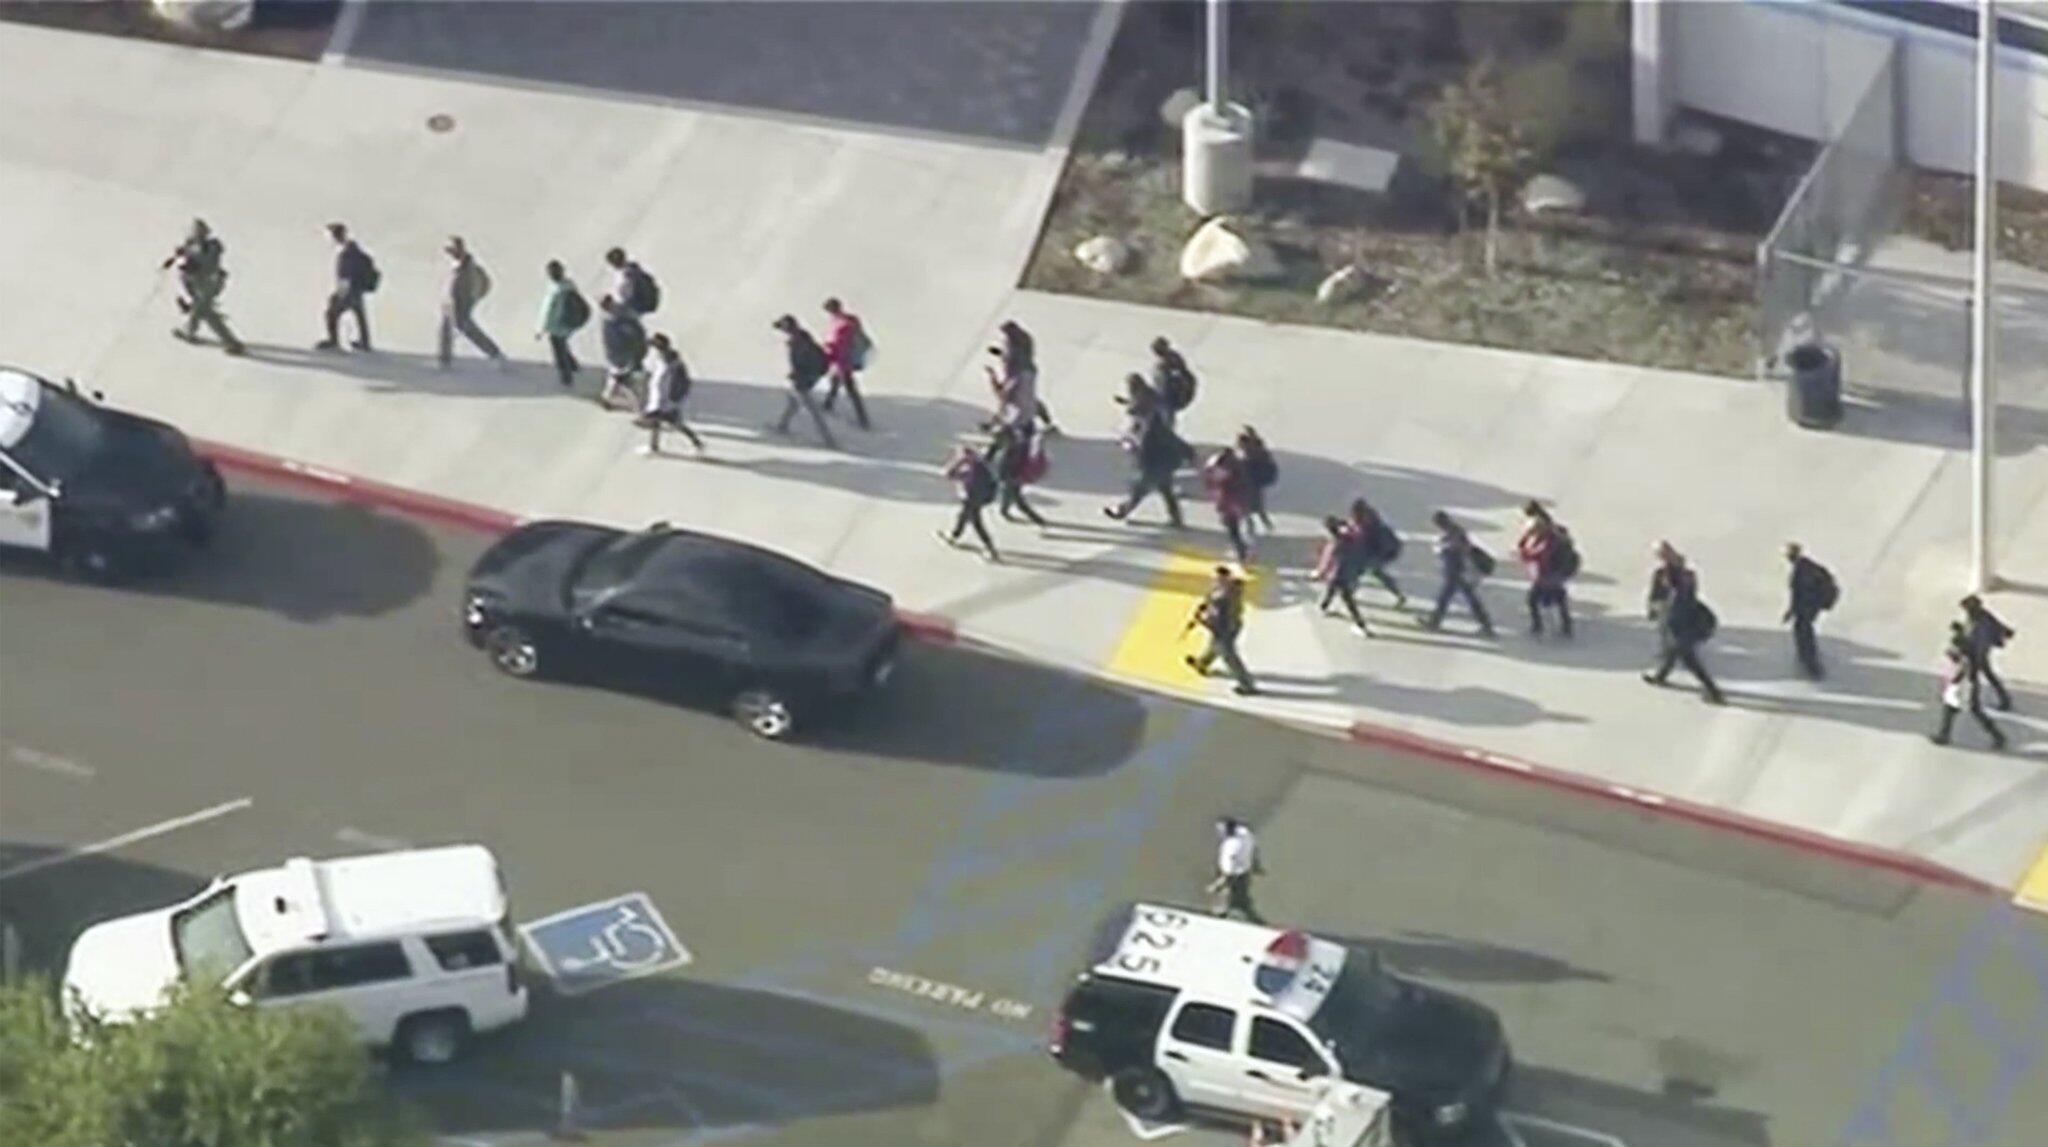 Bild zu Schüsse in Schule in Kalifornien